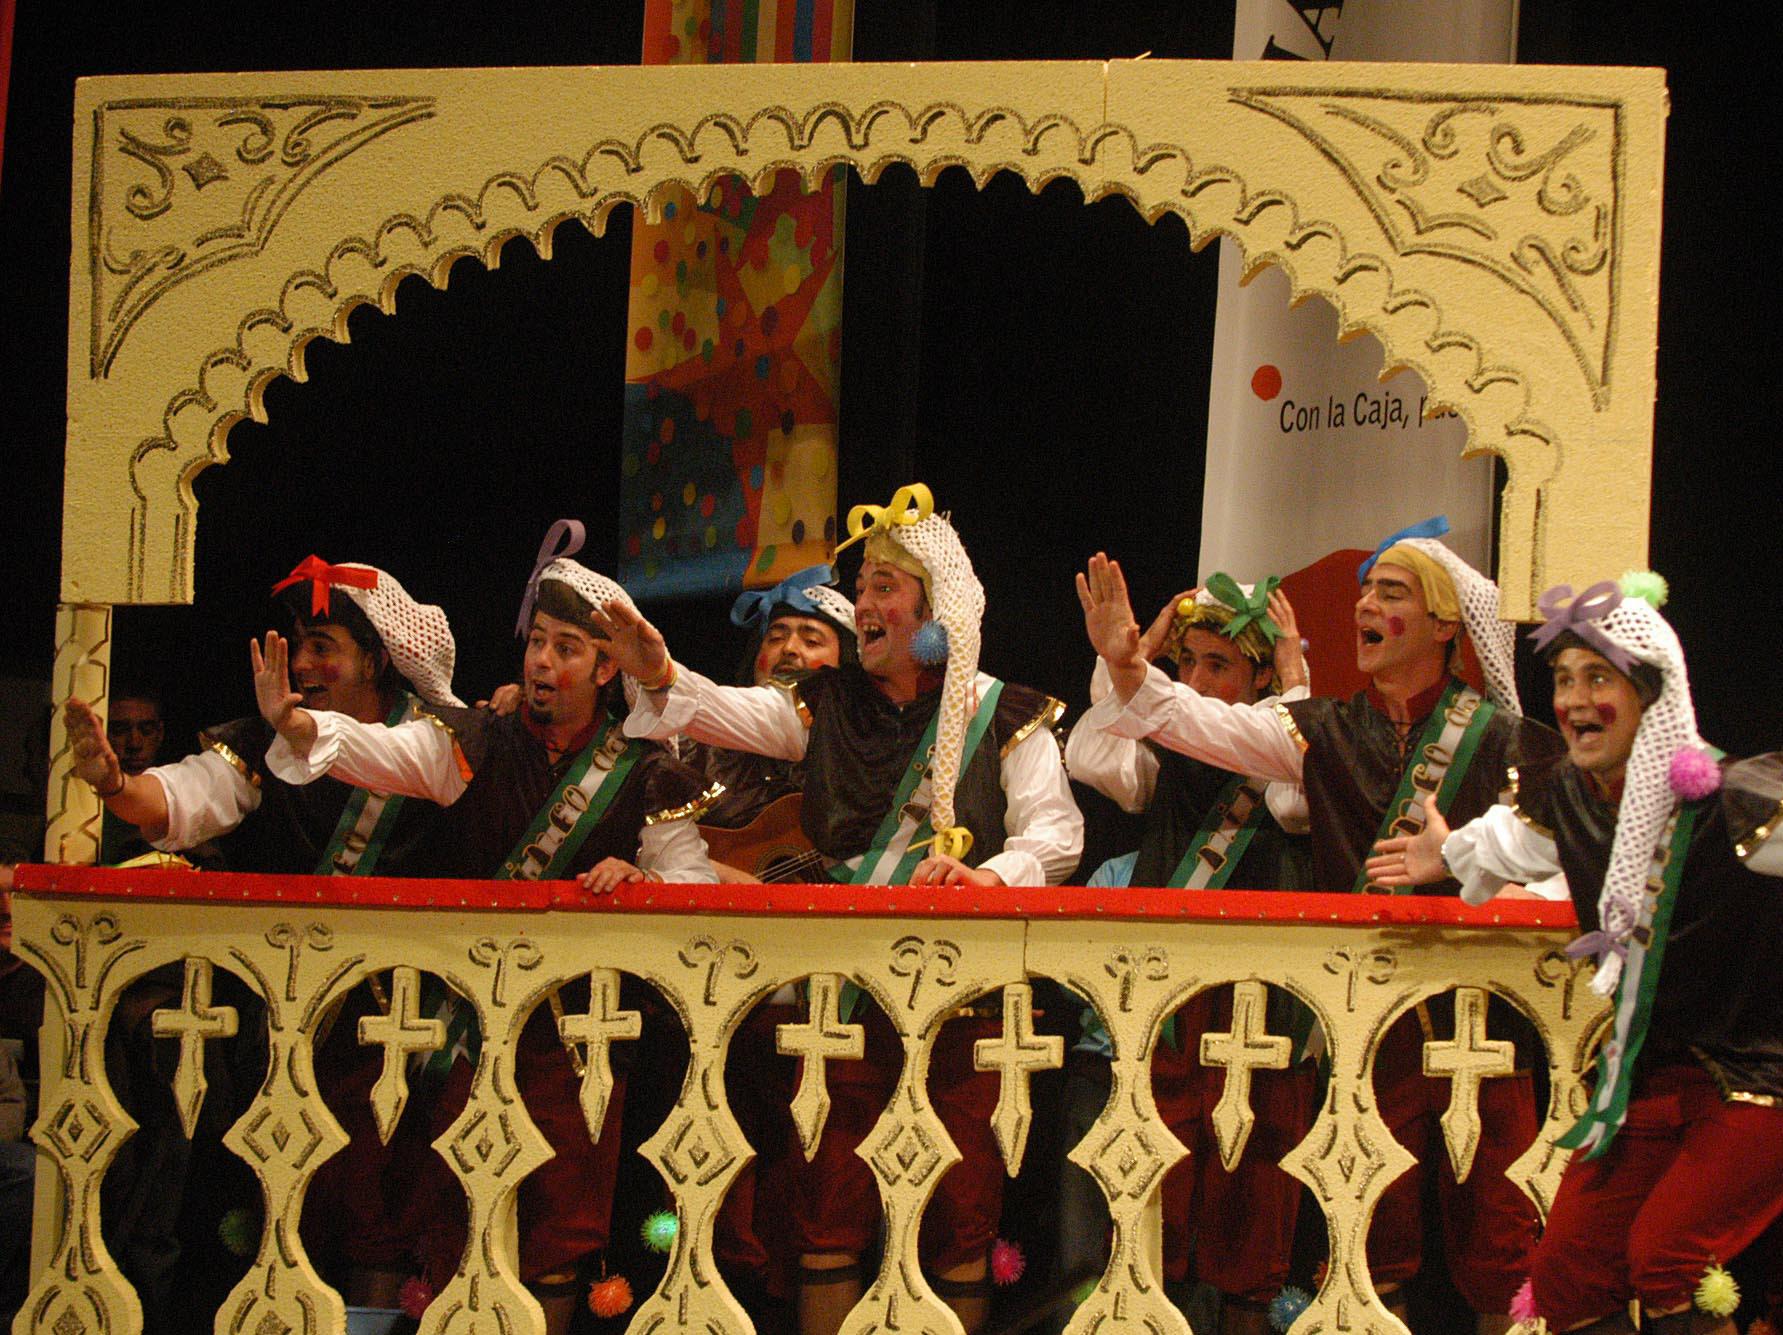 El Ayuntamiento crea la figura del Dios del Carnaval de Cádiz